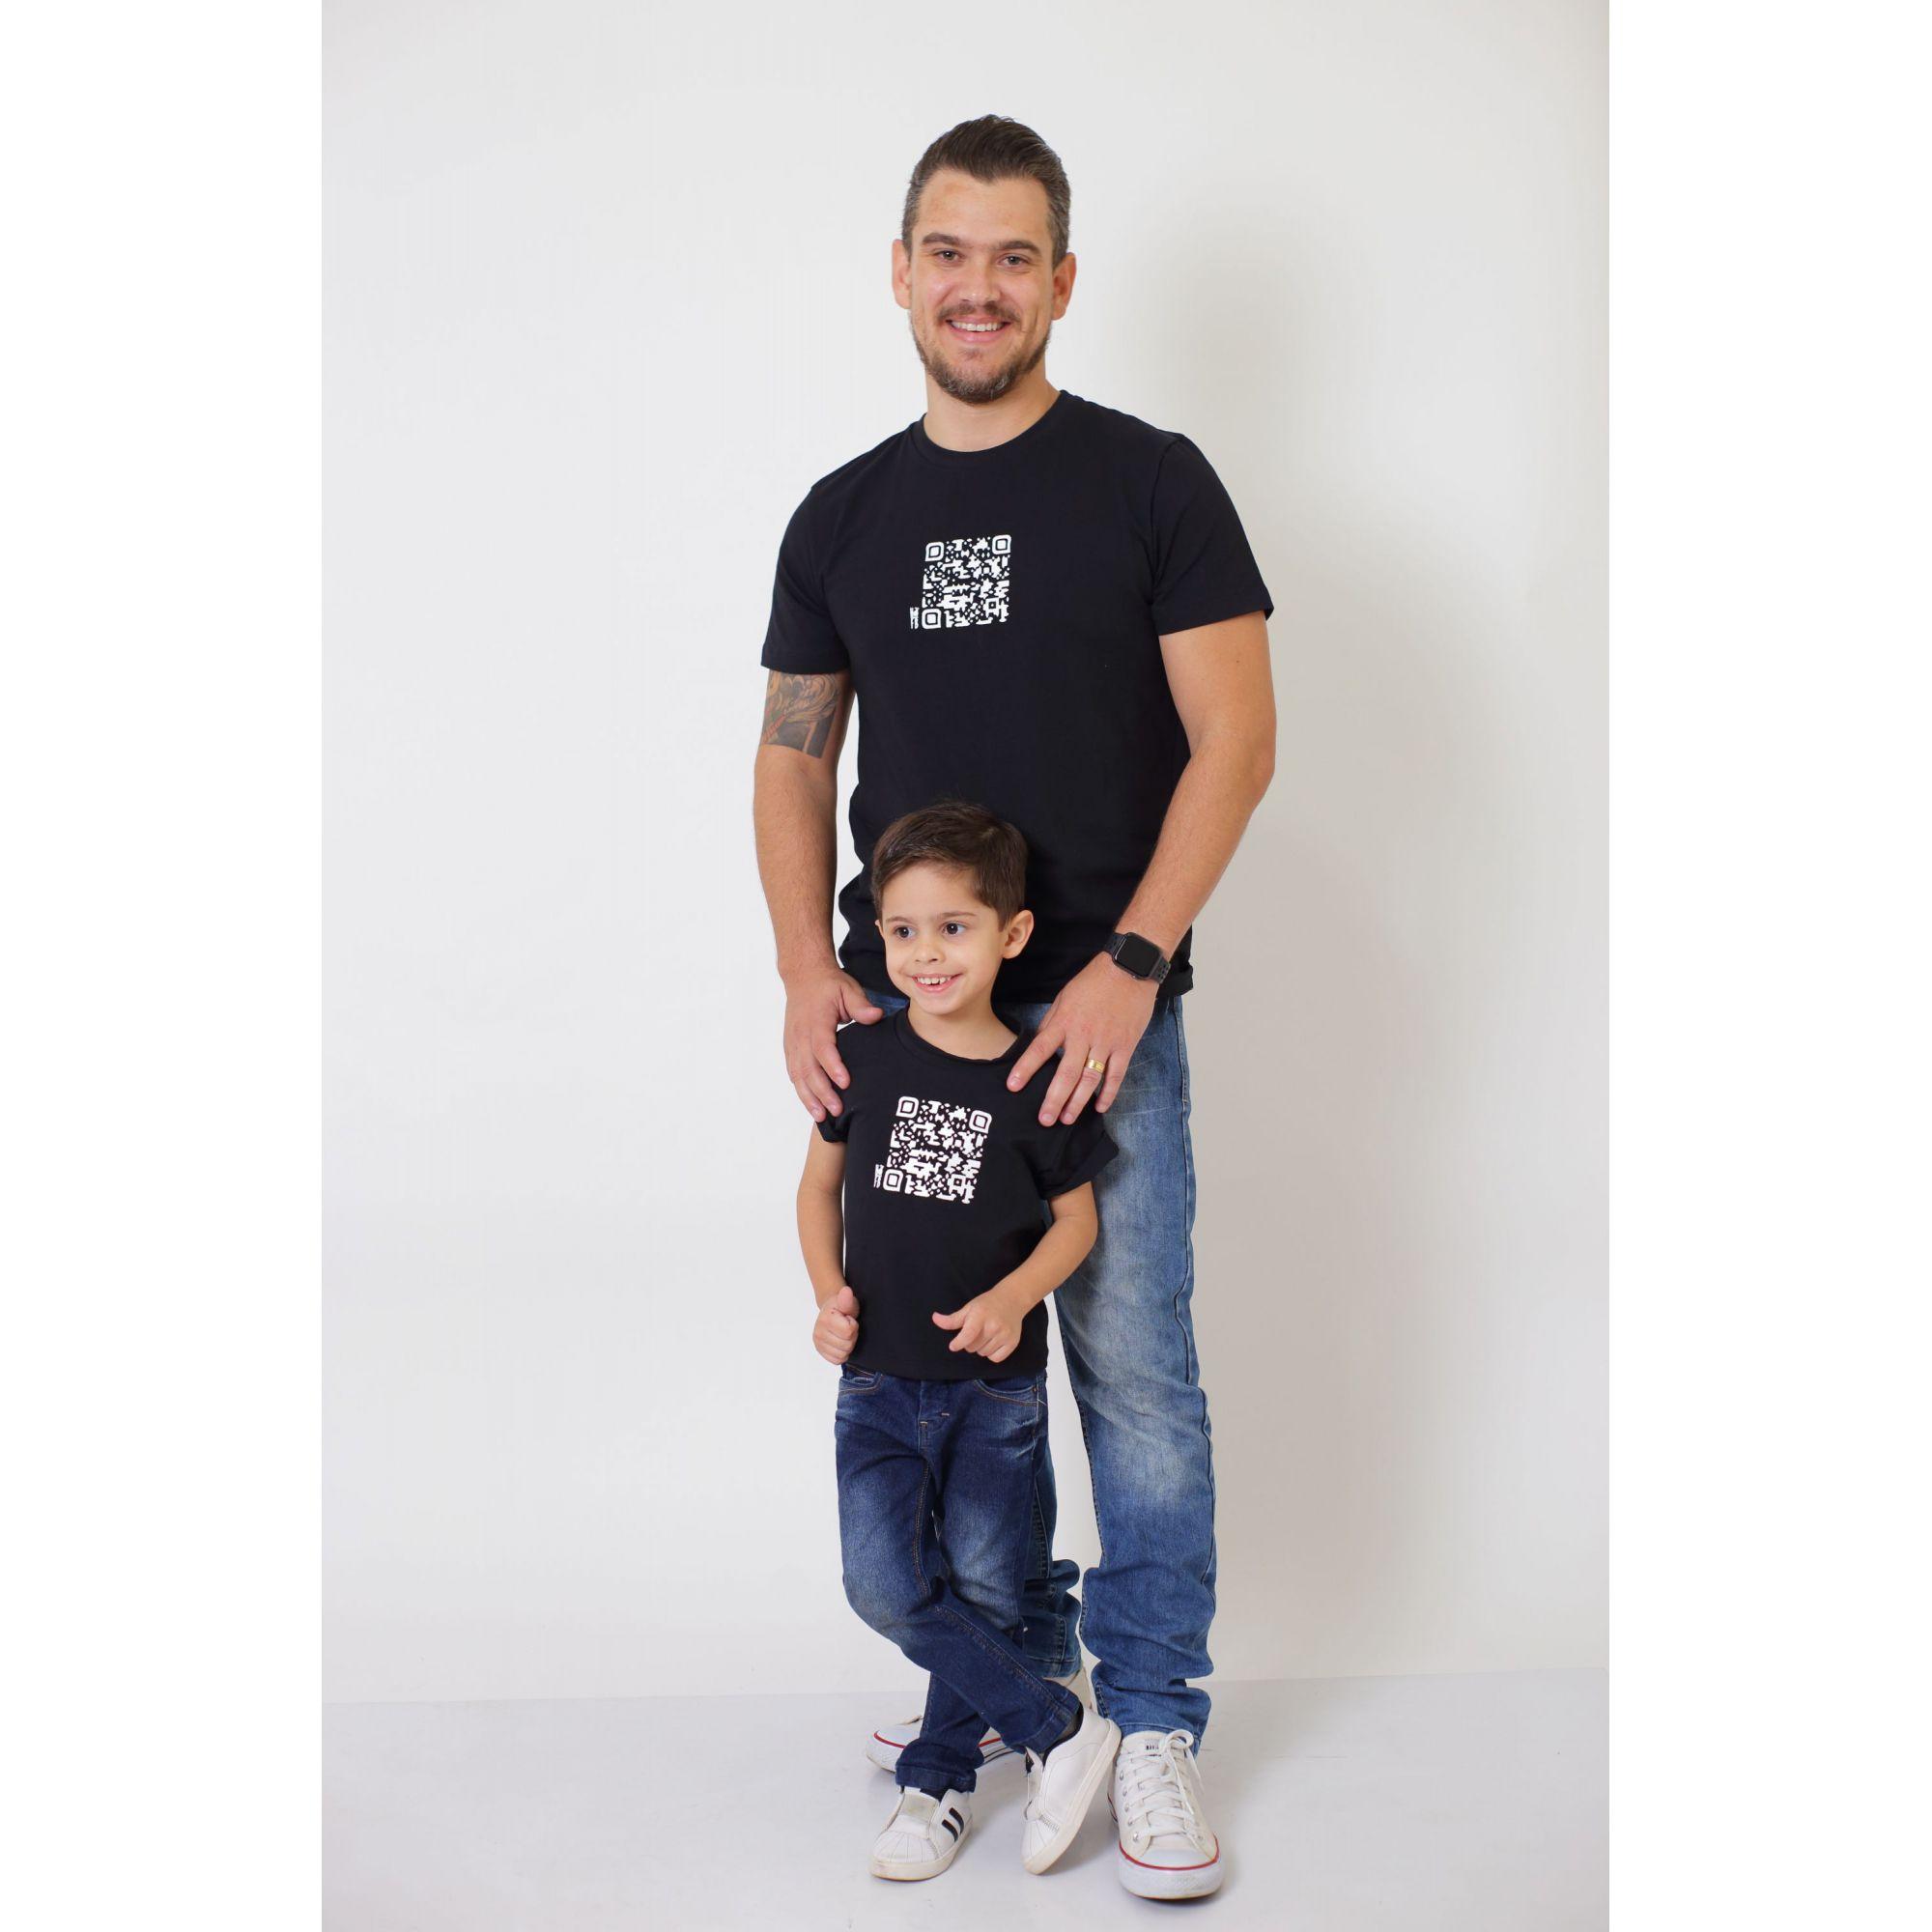 PAI E FILHOS > 02 T-Shirts - Preto - QRCODE  [Coleção Tal Pai Tal Filho]